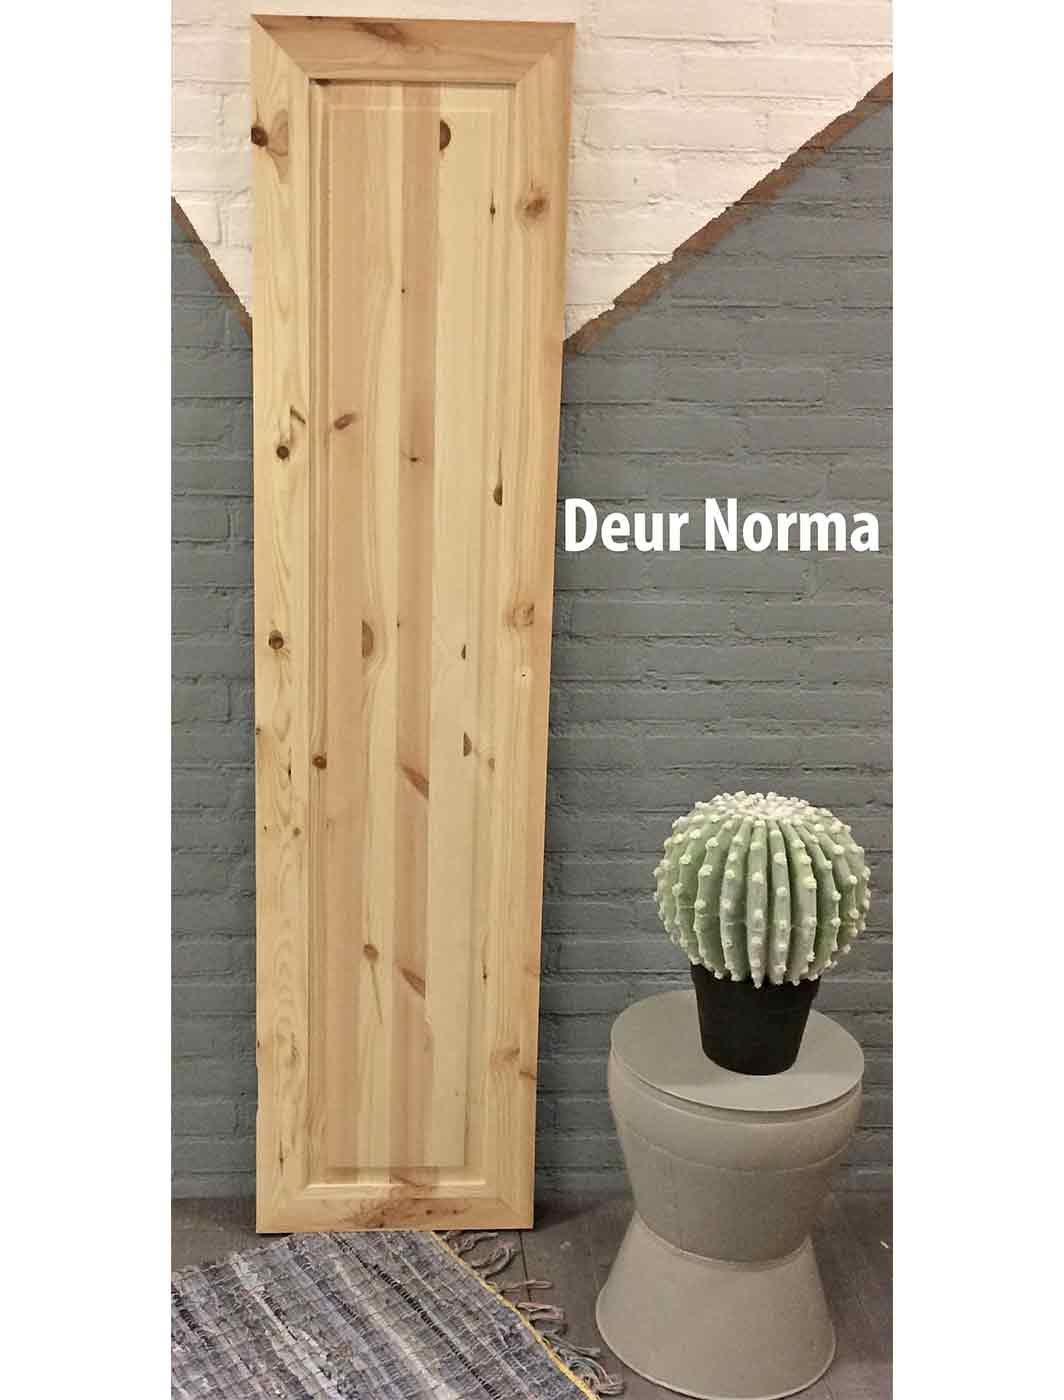 Deur-Norma